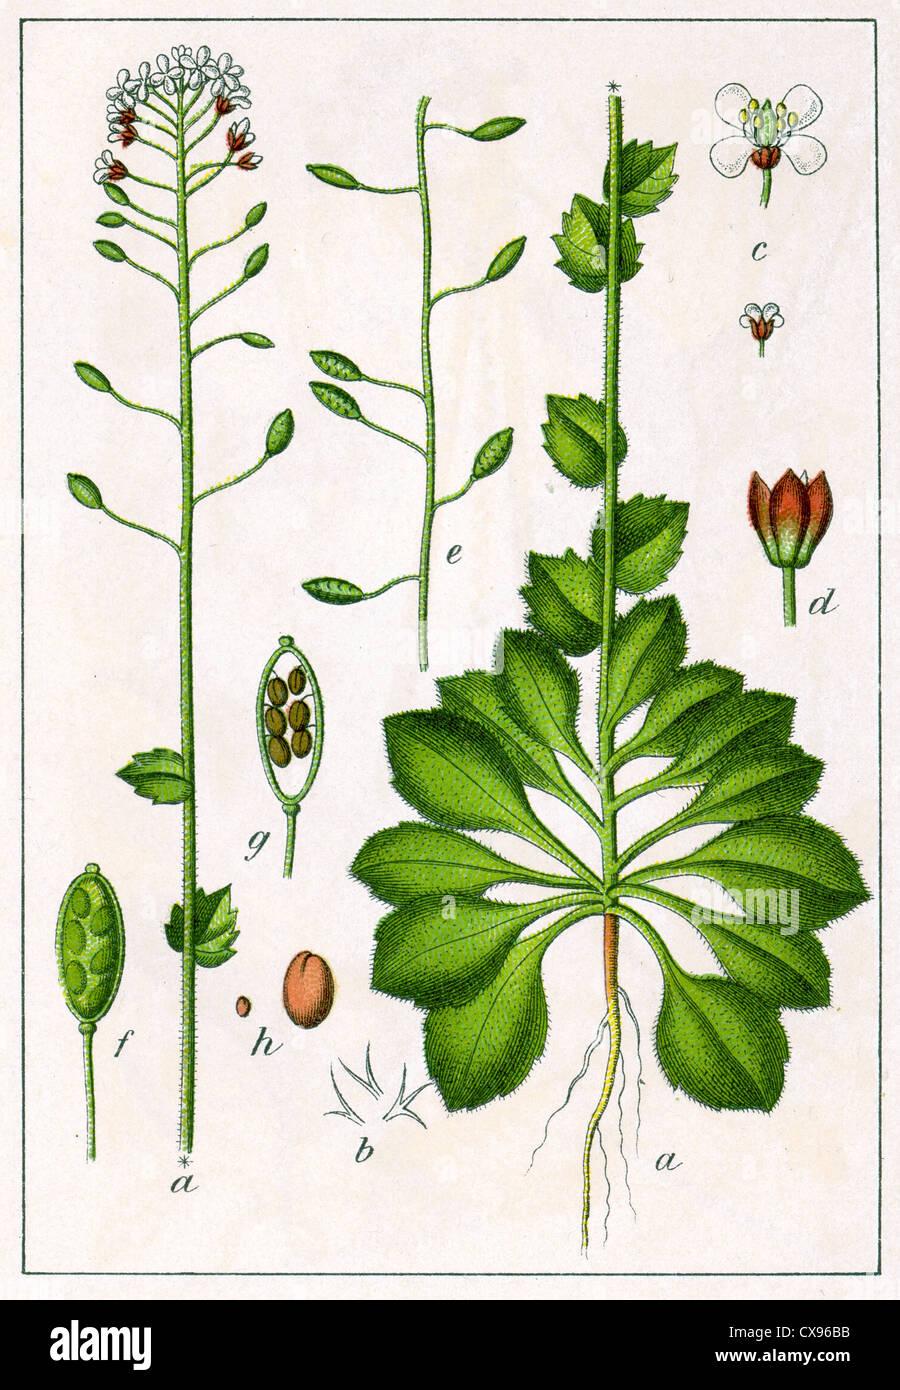 Crucifera capselloides - Stock Image